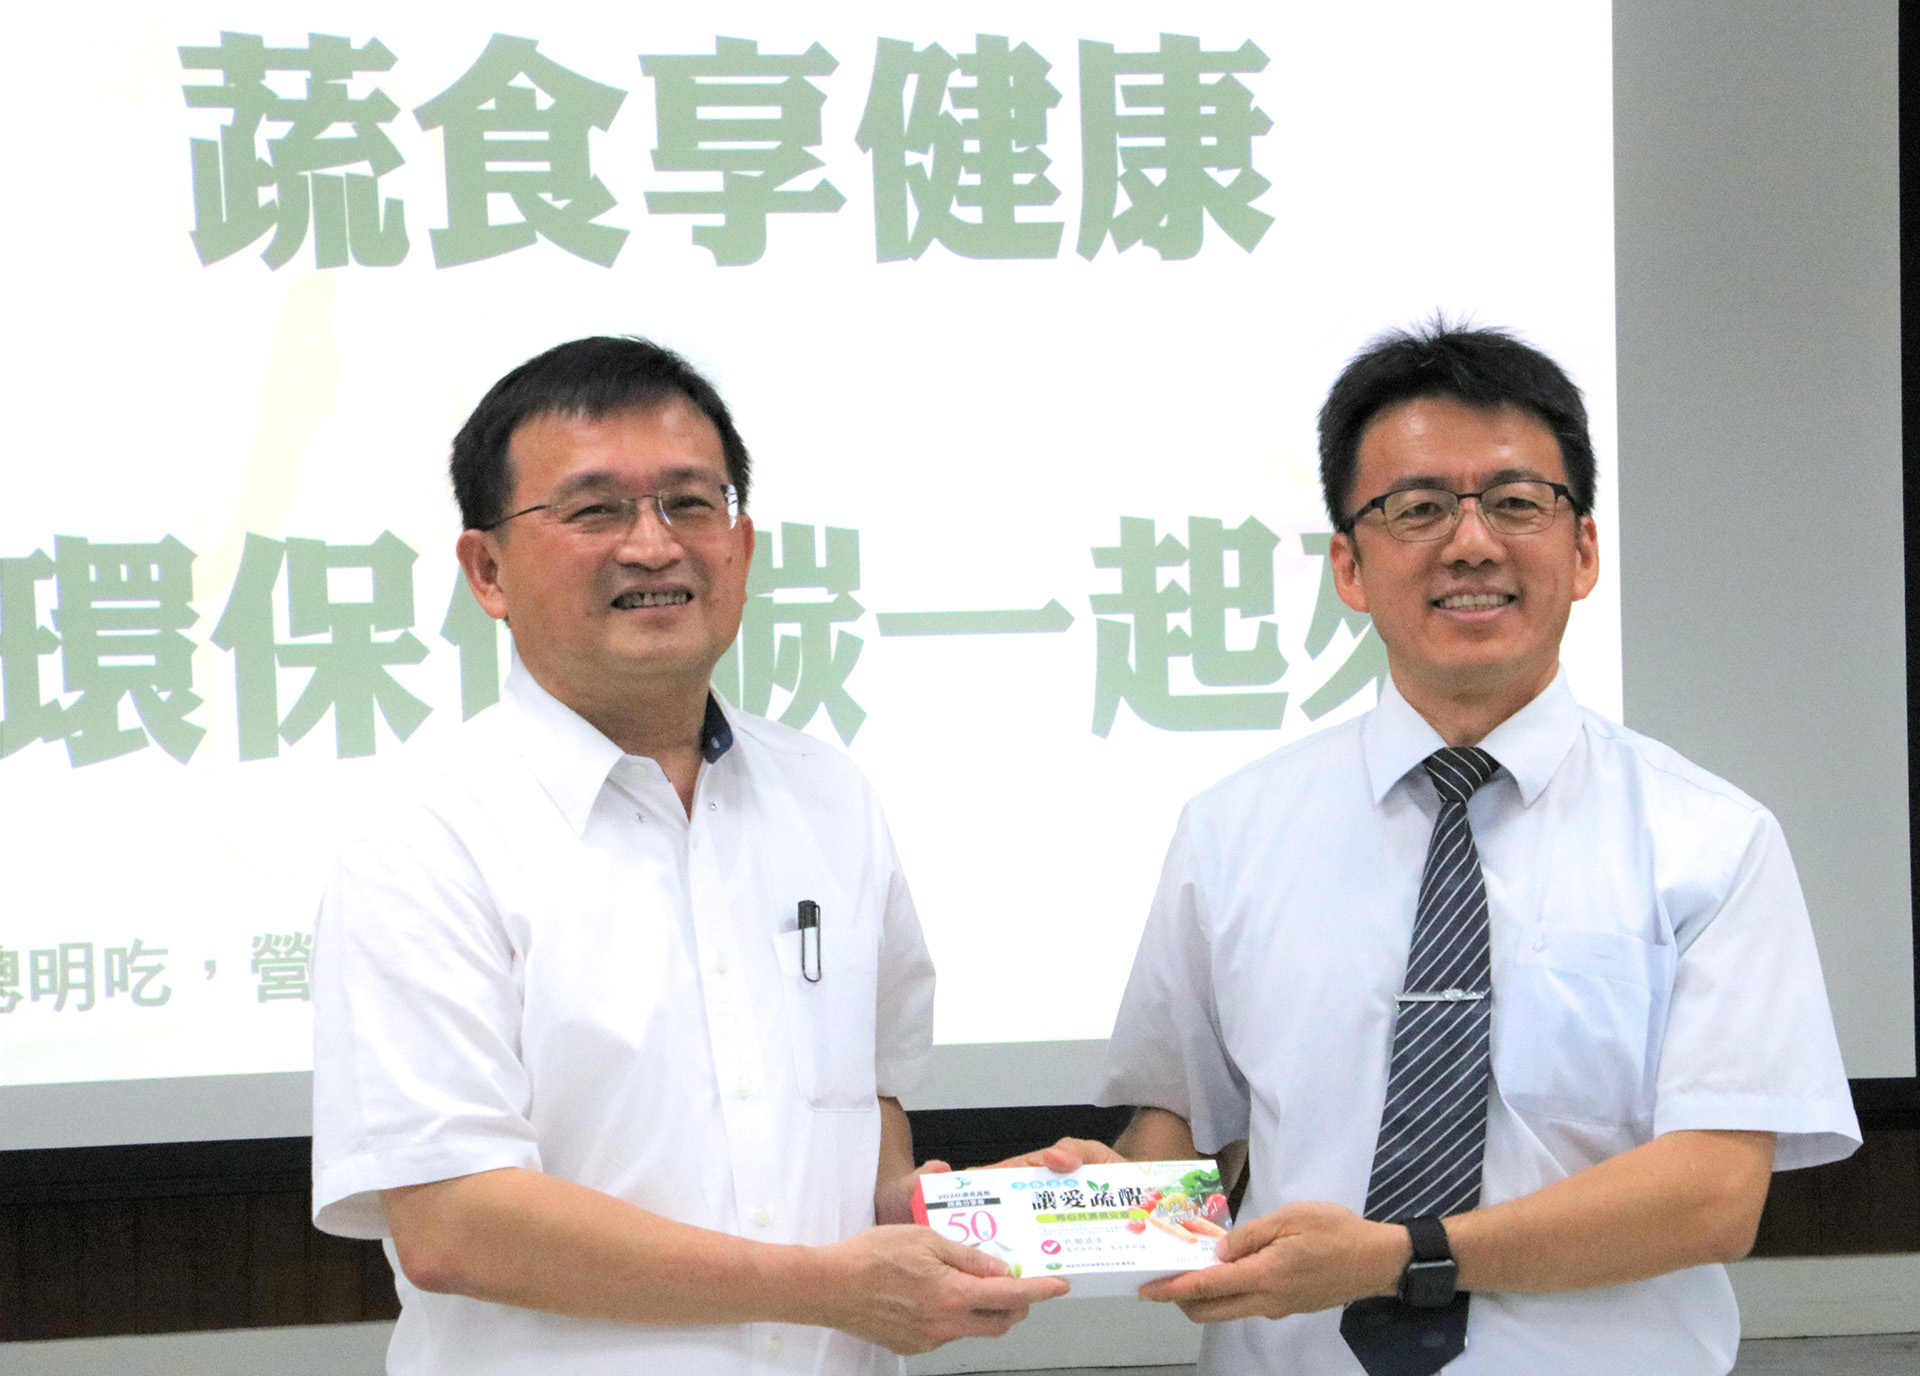 慈濟志工提供「蔬食券」,邀約大家到加入活動的台南2百多家蔬食店用餐,即享有折價。